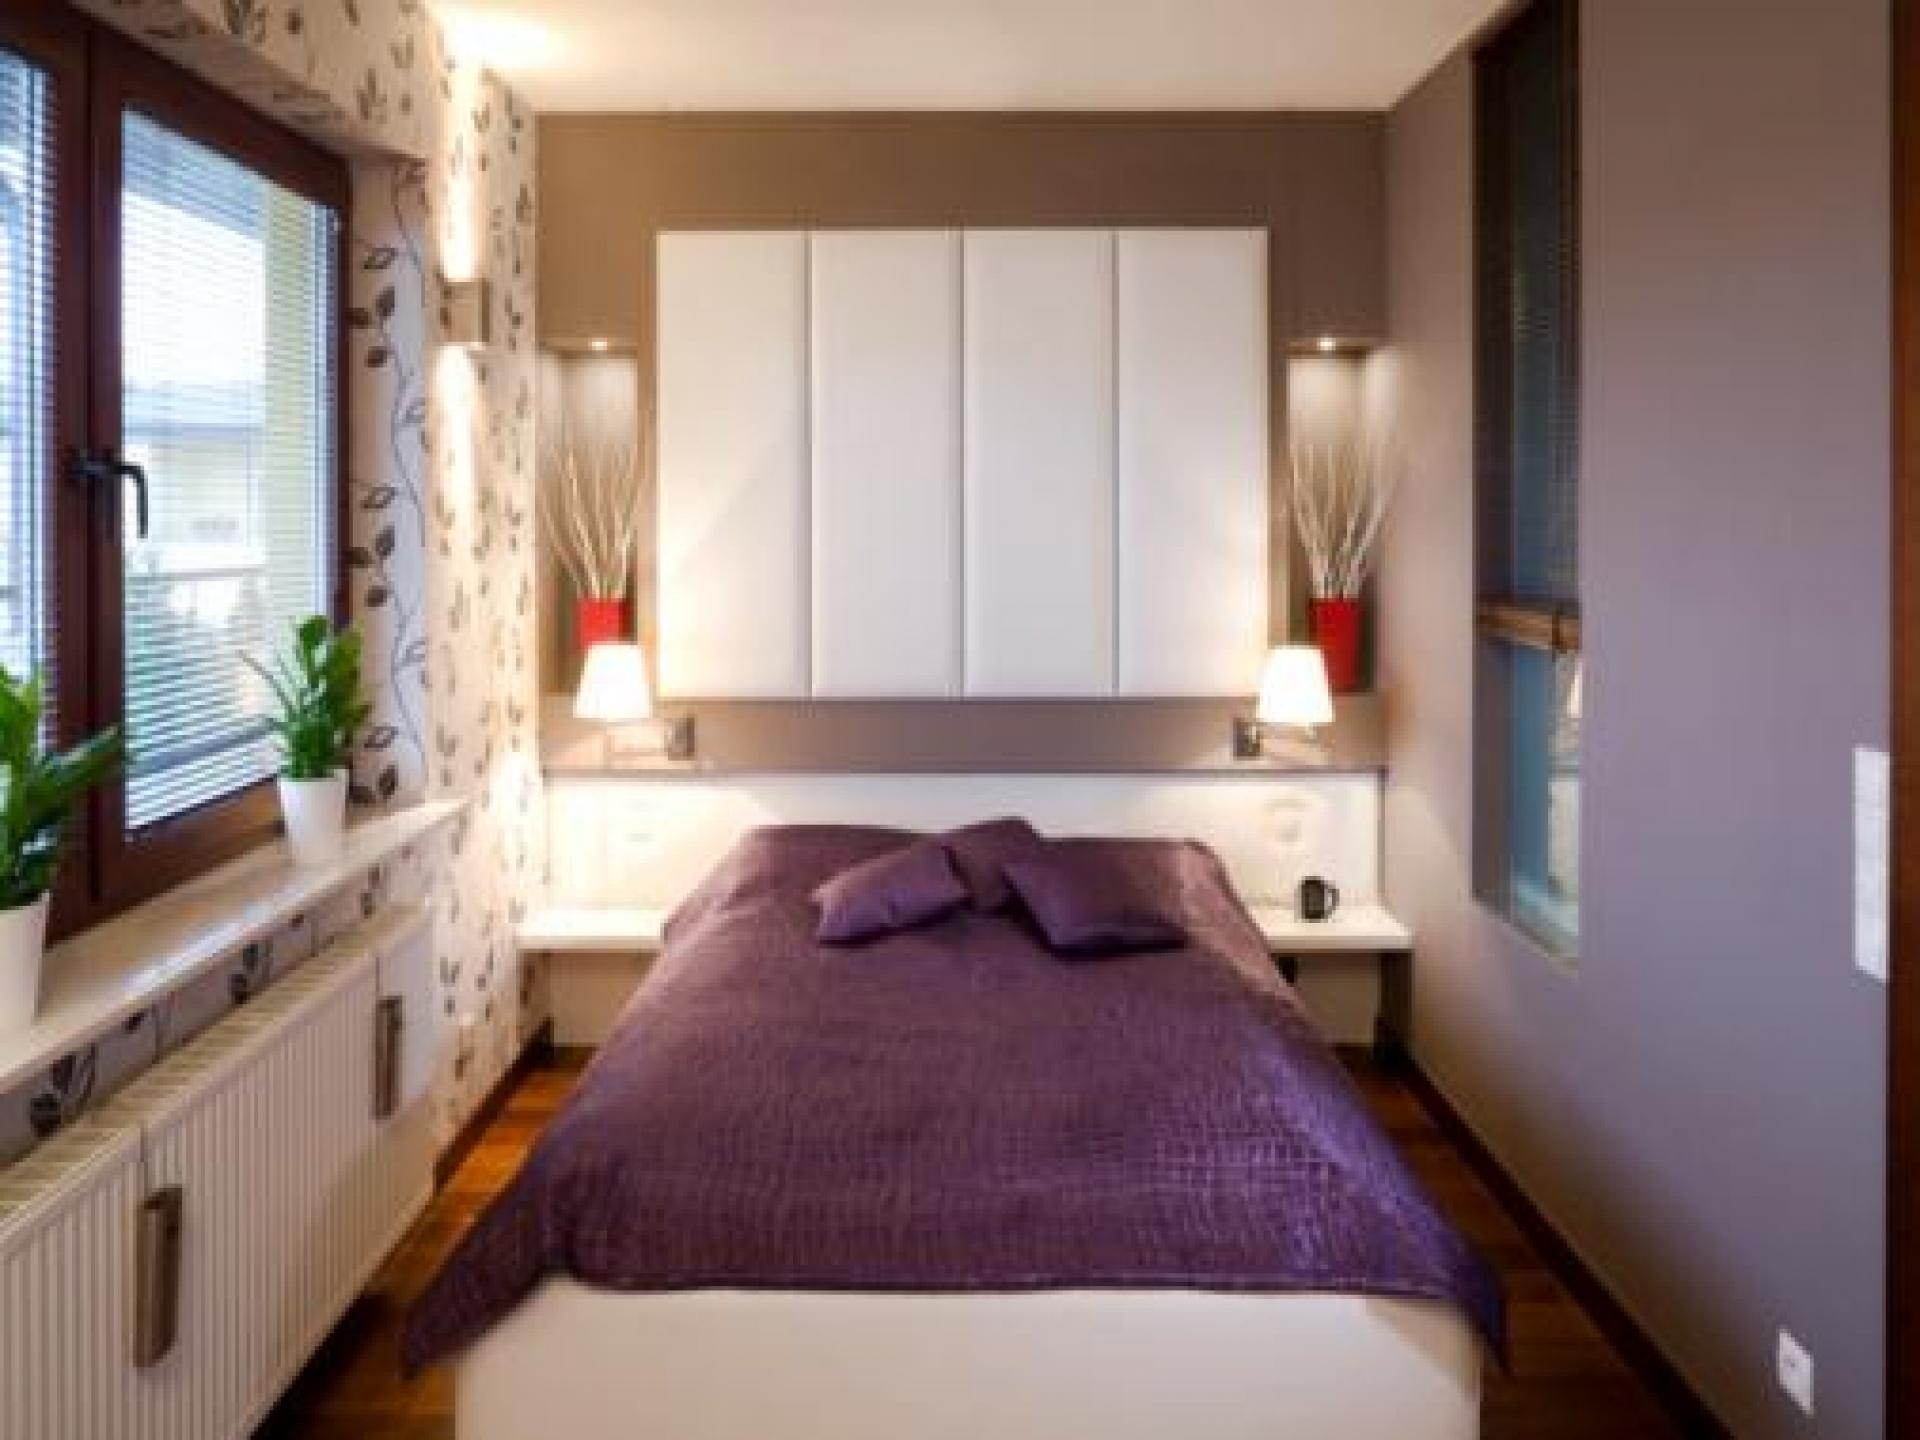 Дизайн спальни в маленькой комнате фото 2015 современные идеи